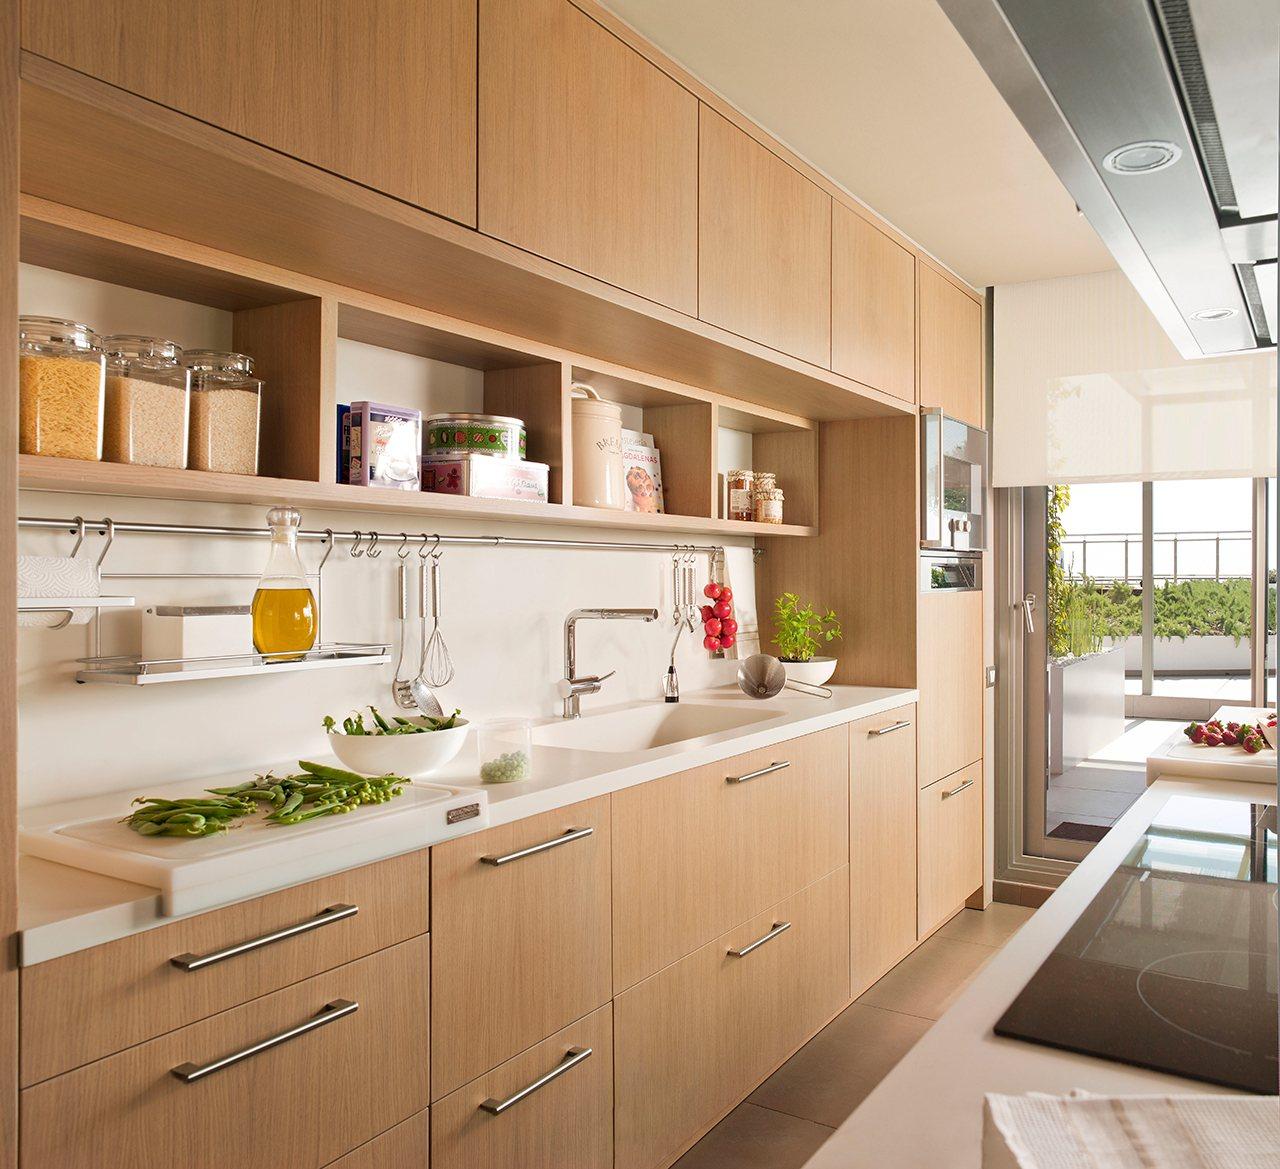 Ideas para aprovechar el espacio en las cocinas peque as - Muebles de cocina tenerife ...